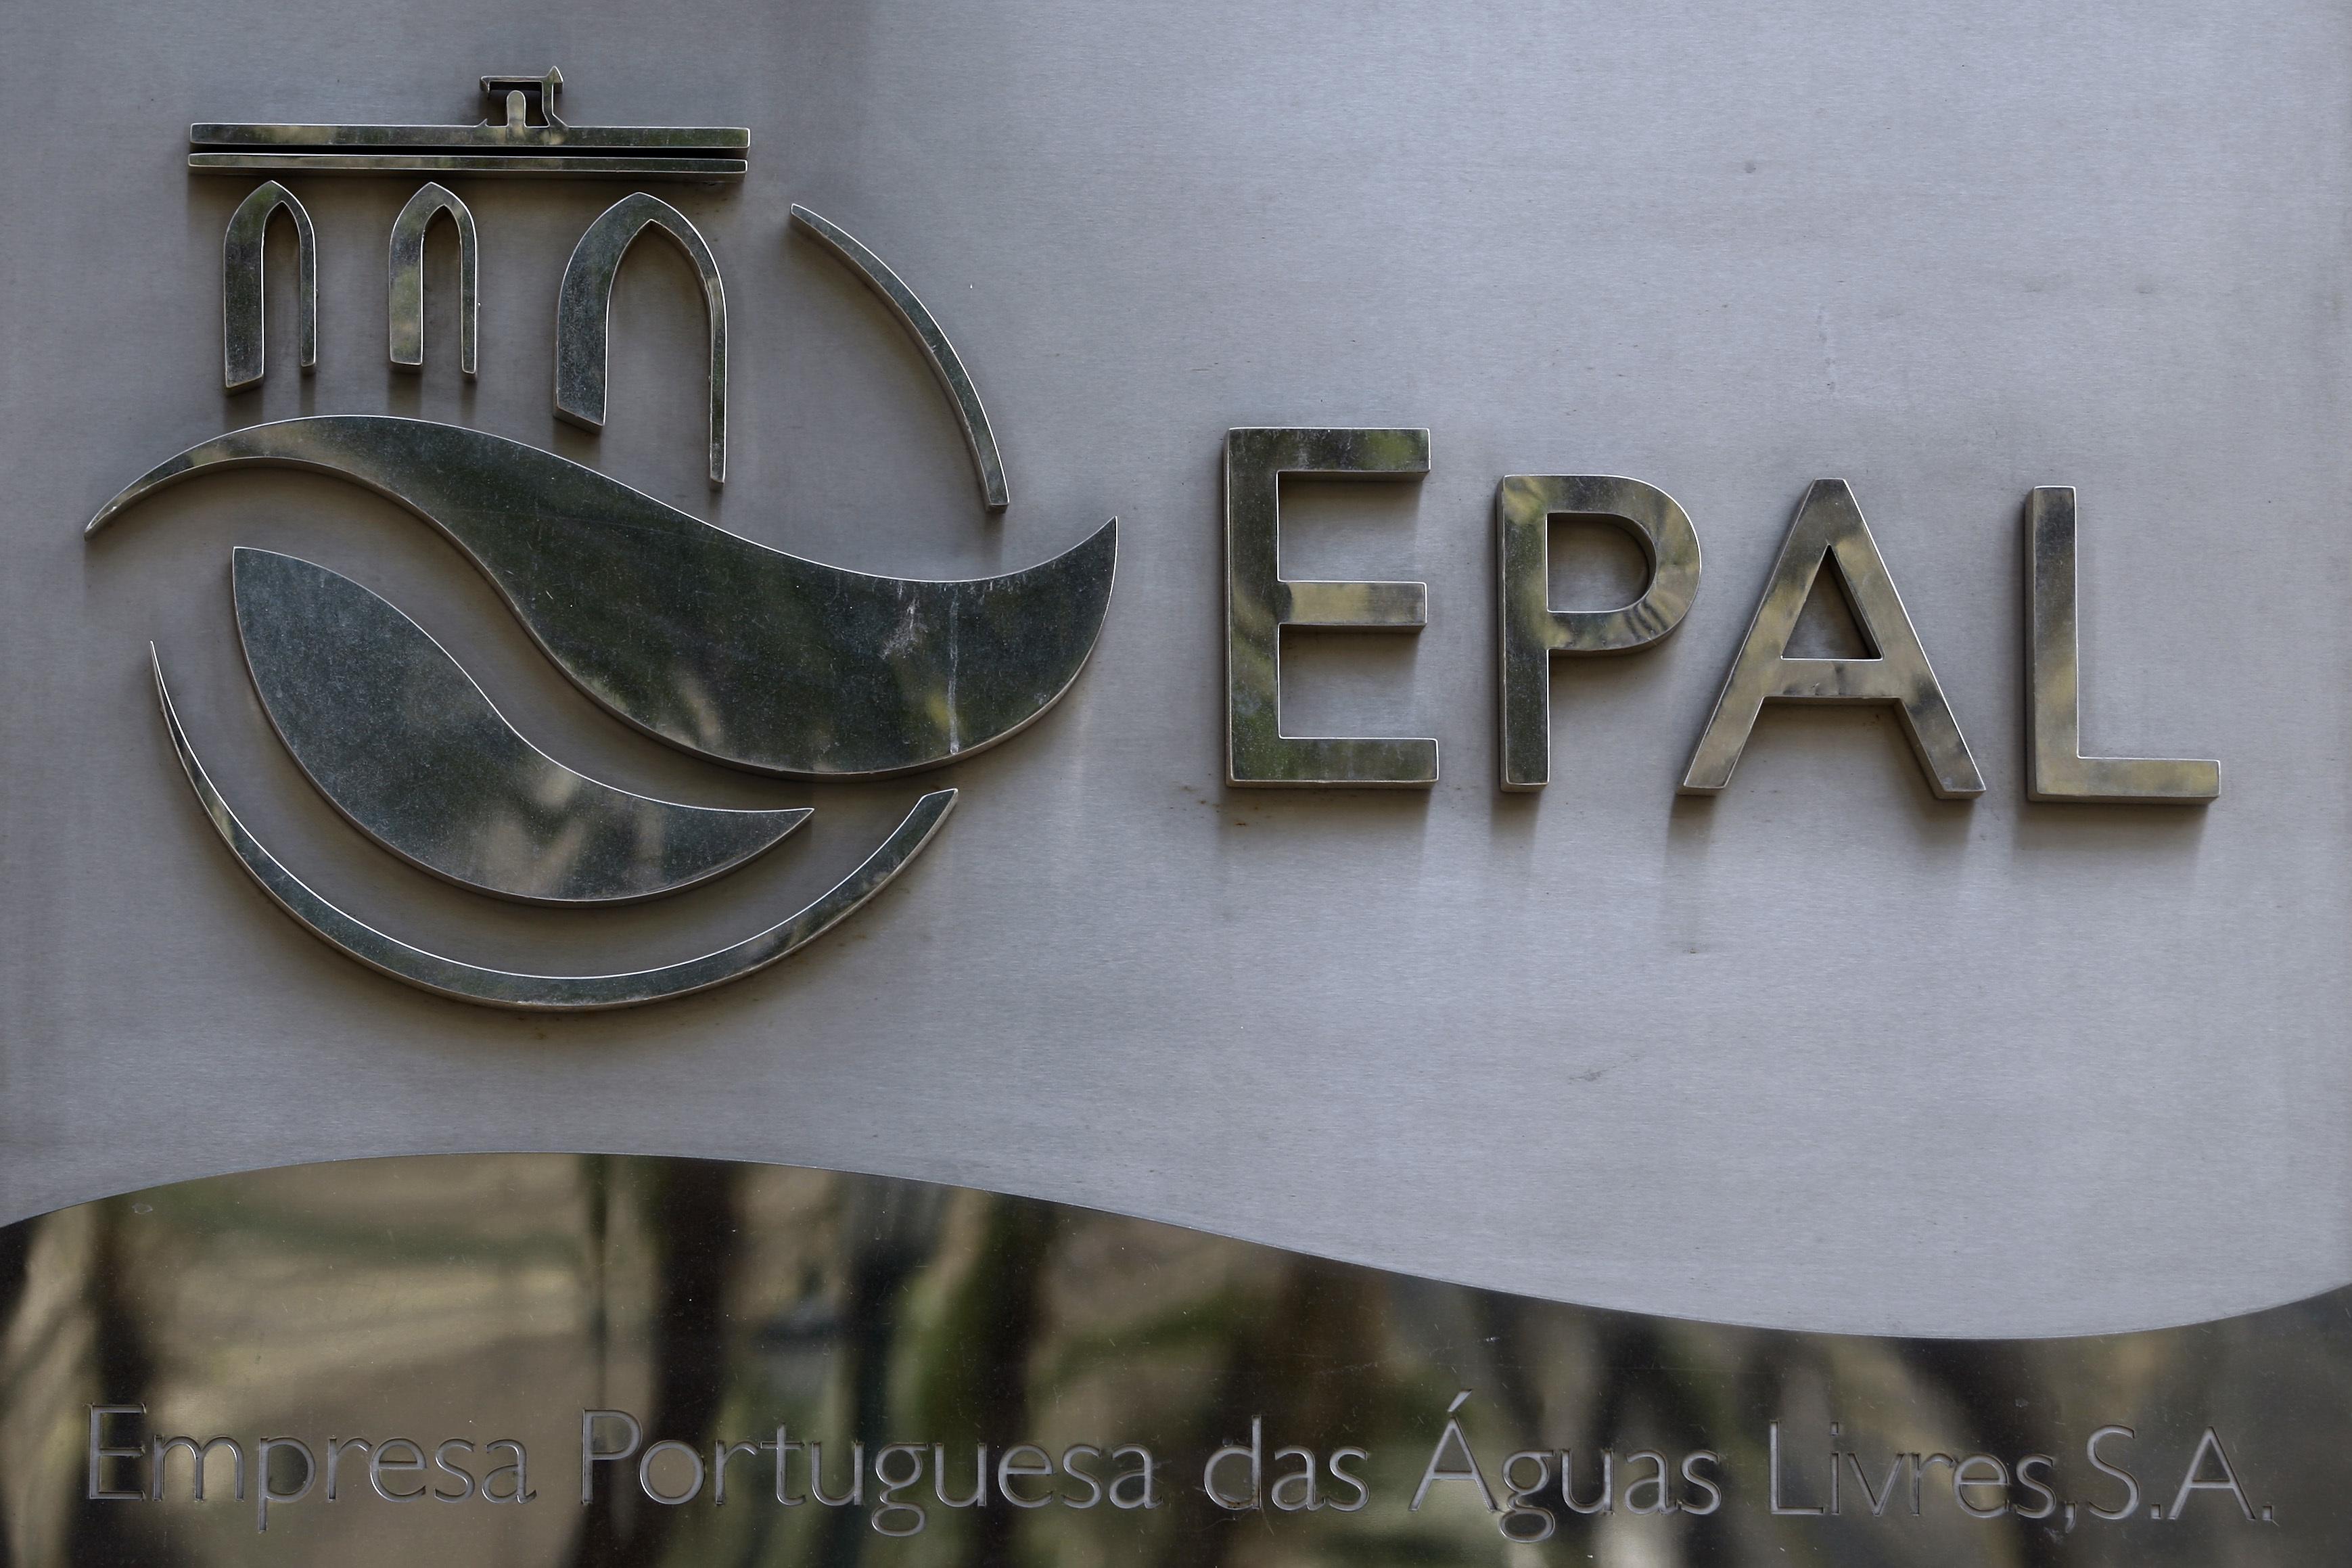 Abastecimento de água em Alcântara já está regularizado depois de rotura. Trânsito continua cortado